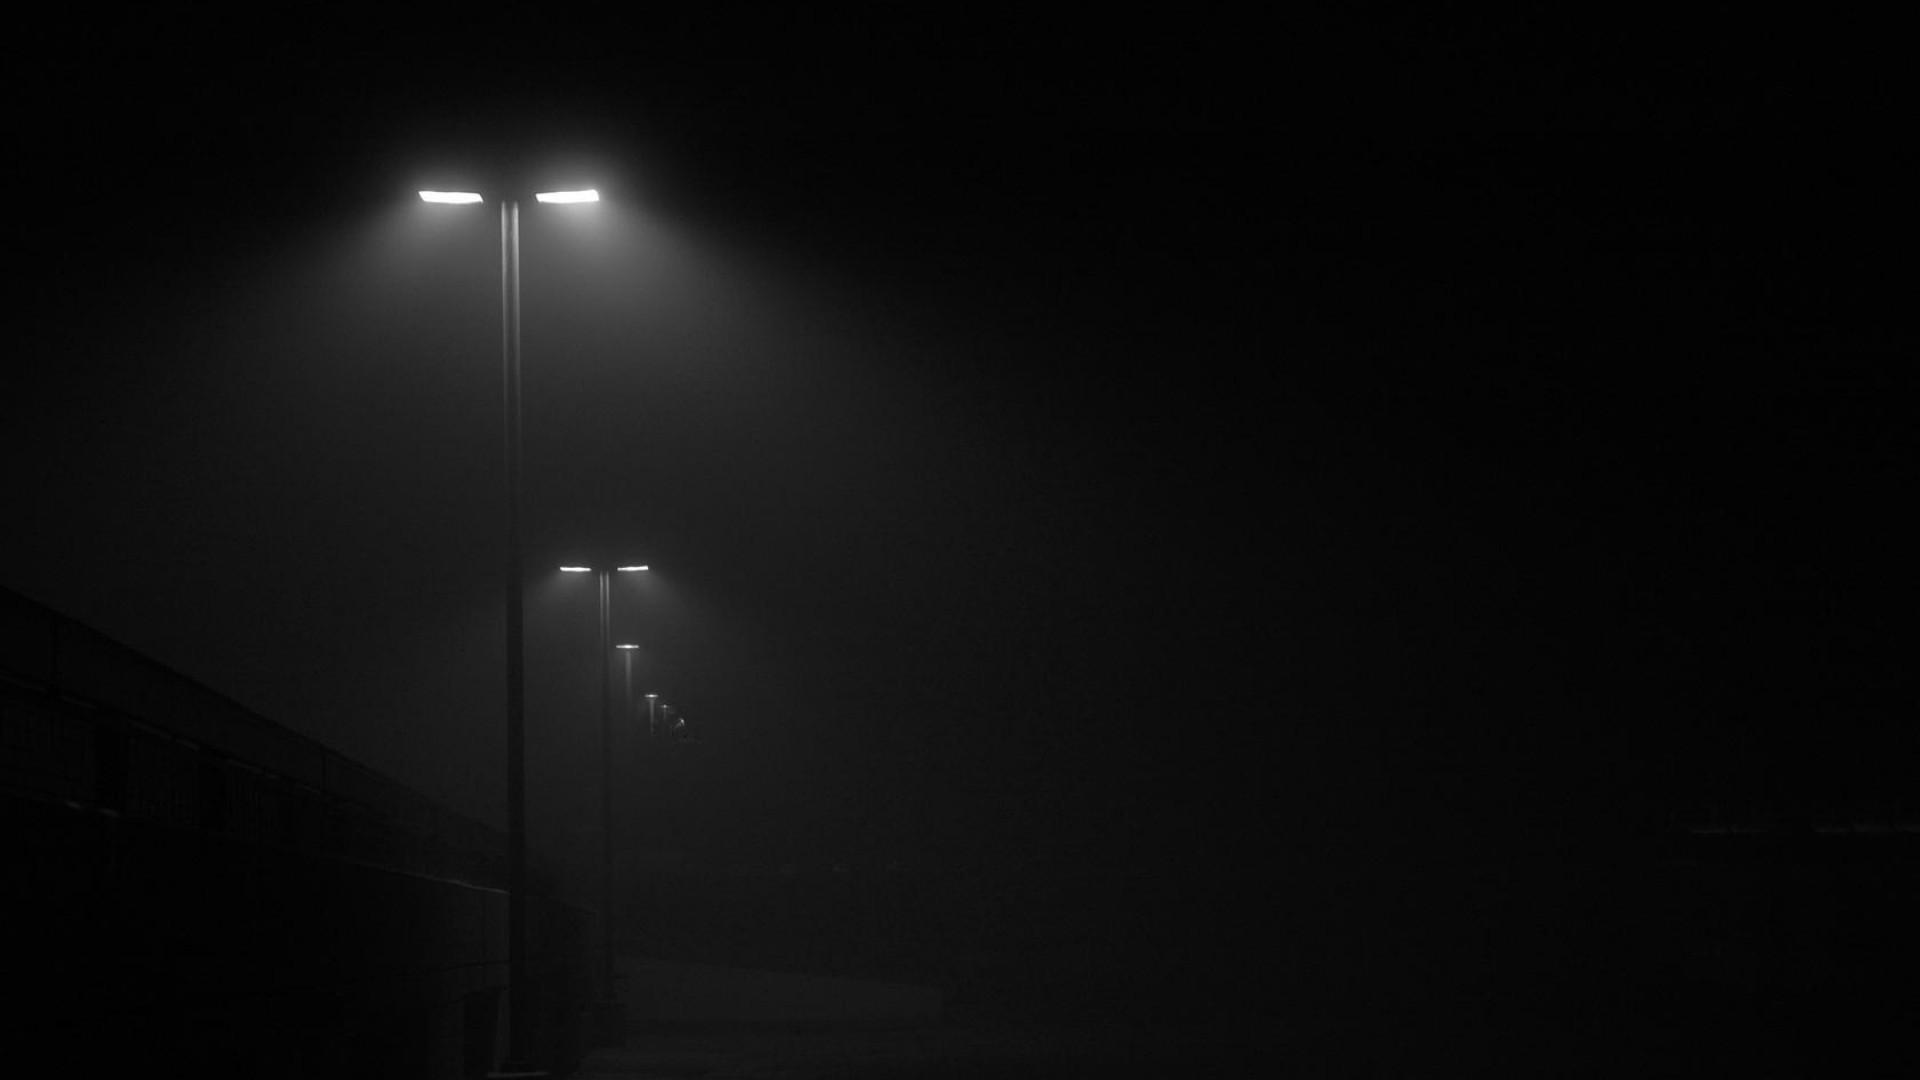 Dark Wallpaper High Definition Karanlık Bir 72672 Hd